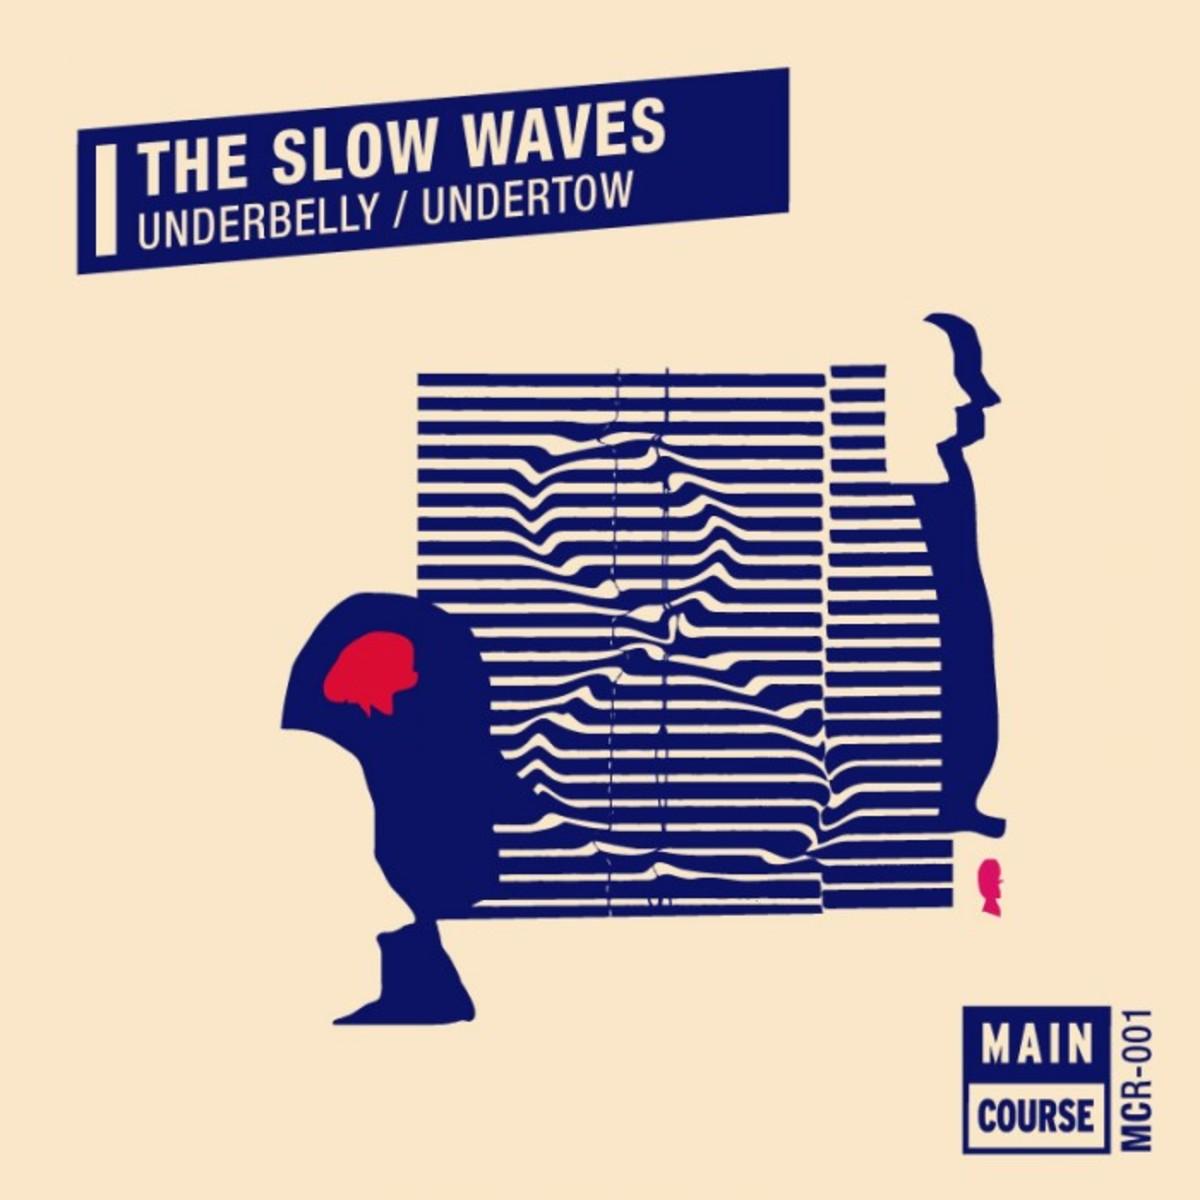 slowwaves